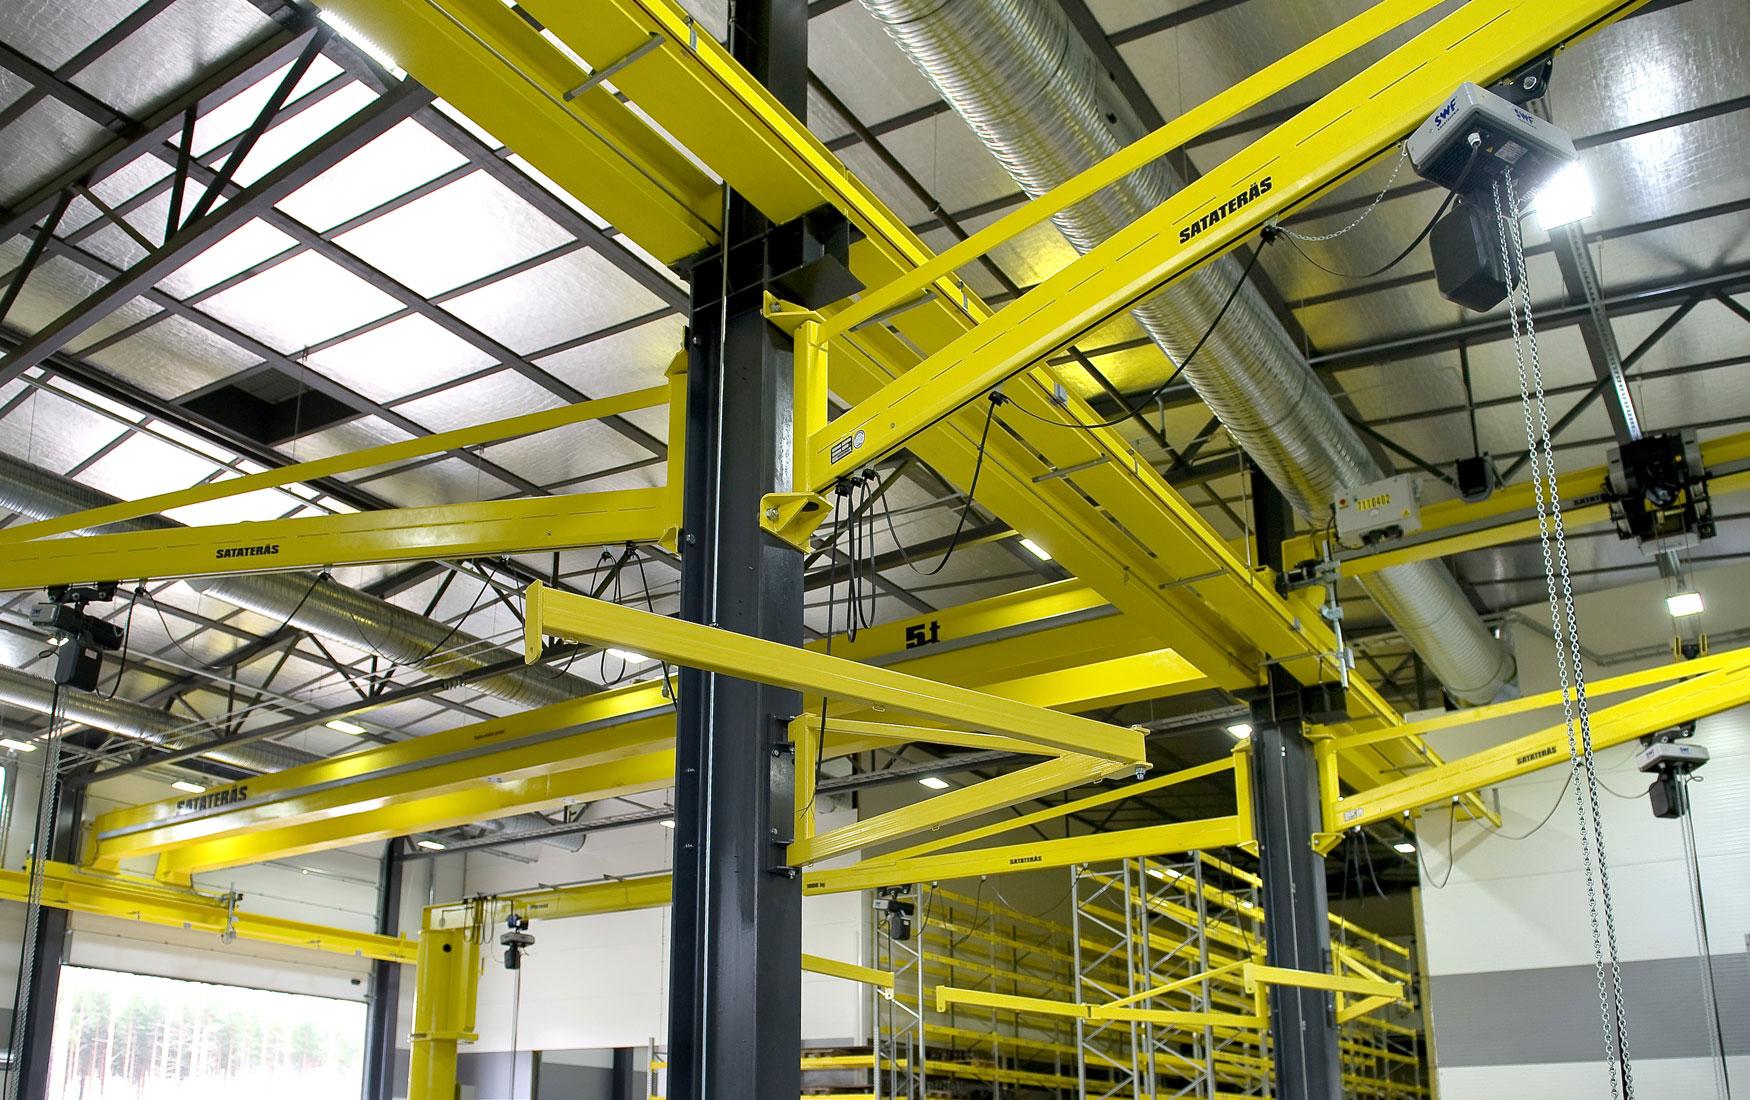 teollisuus-metalliteollisuus-teollisuuden-kaantopuominosturit_satateras-6